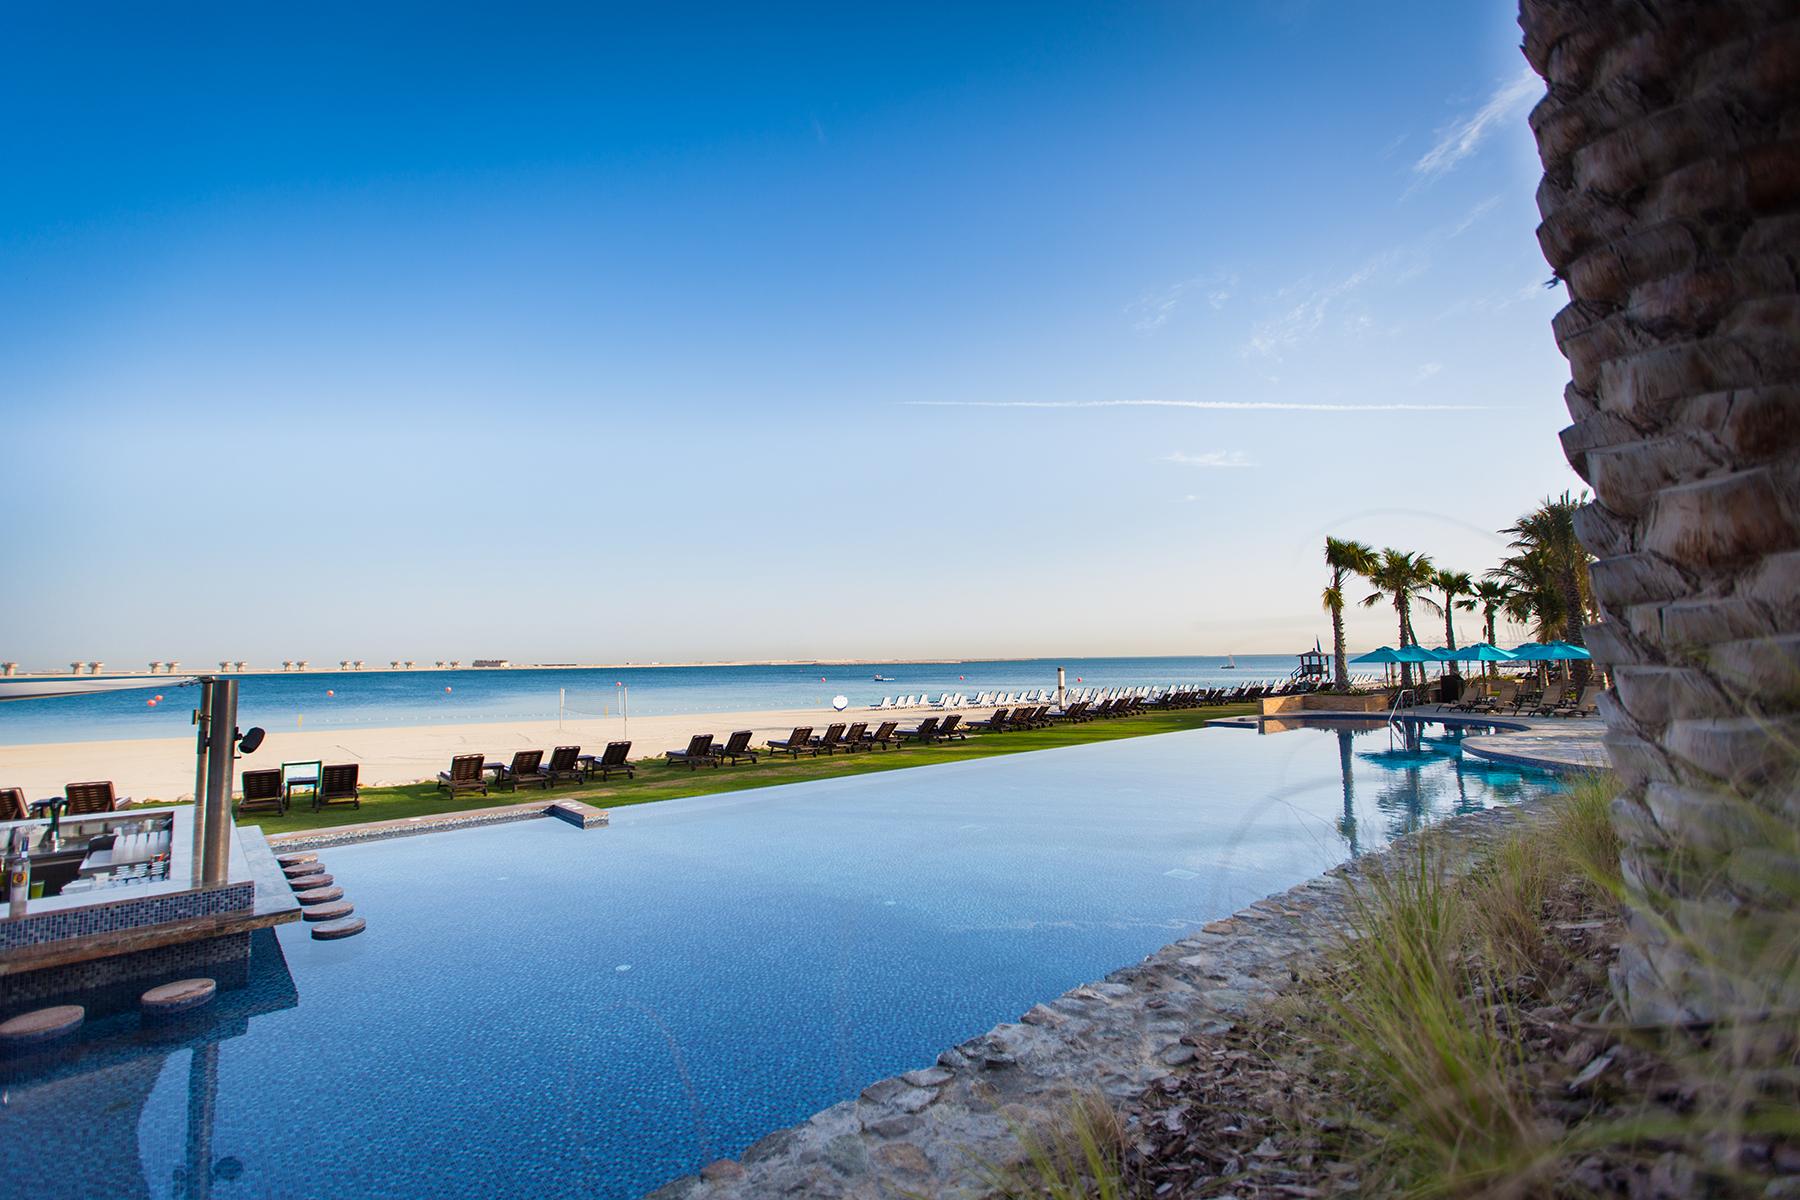 JA Jebel Ali Golf Resort - нагороджений премією World Travel Awards в 2012 році в категорії